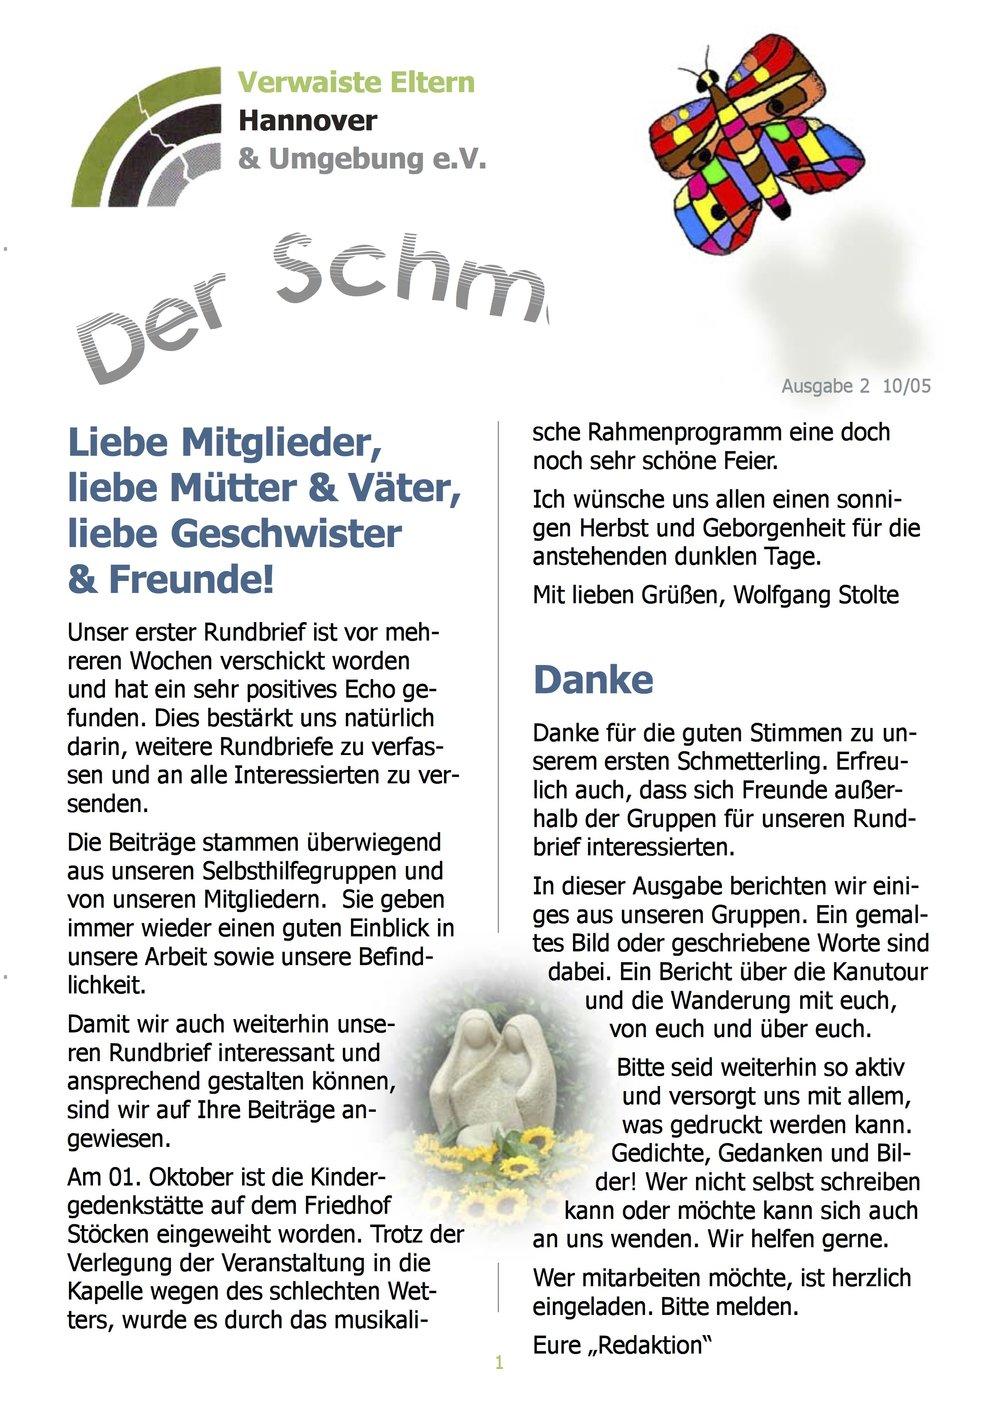 Schmetterling02-10_05.jpg